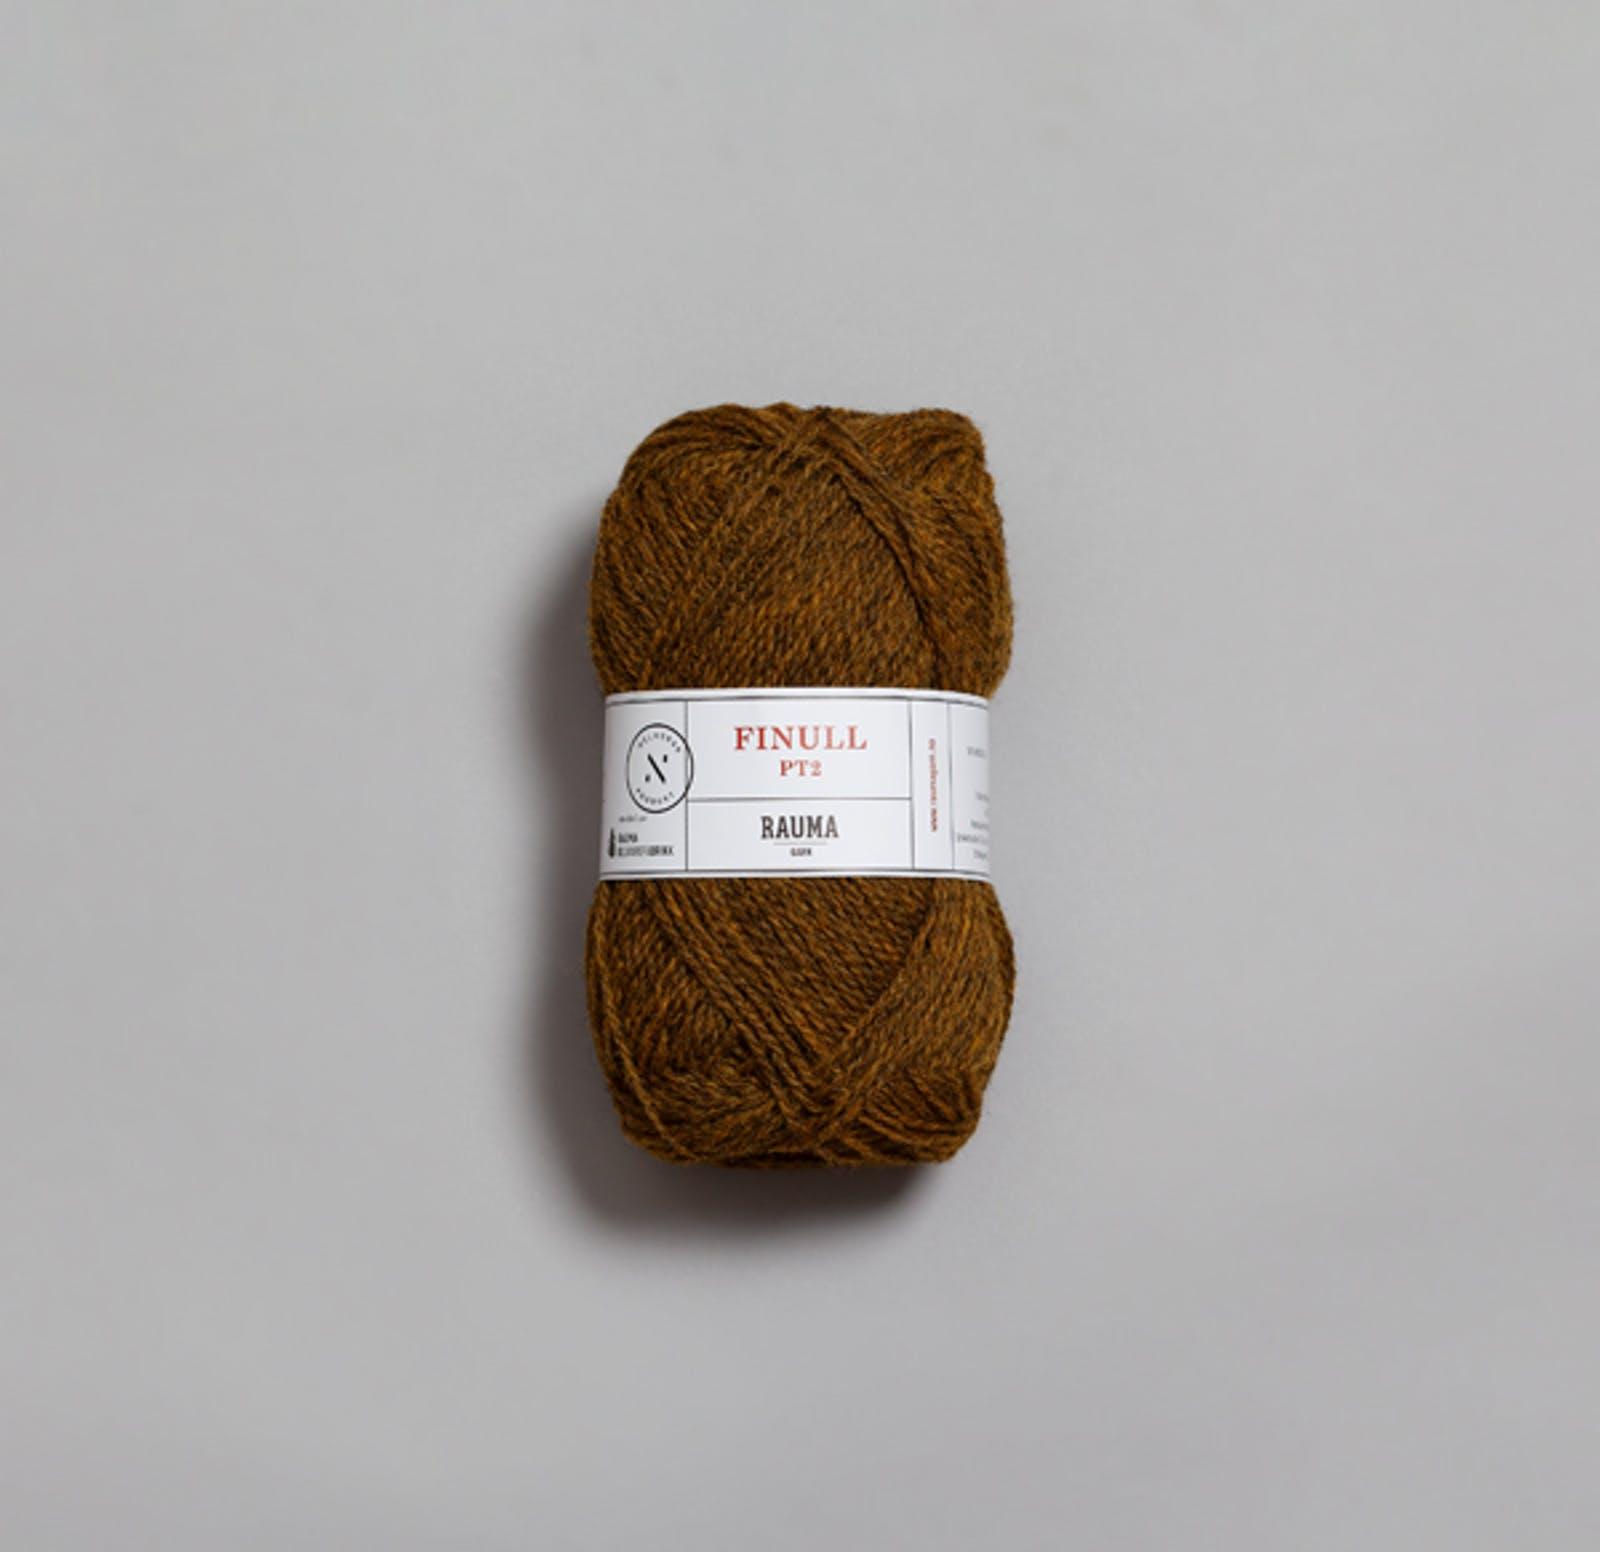 Rauma Finull-PT2-4125